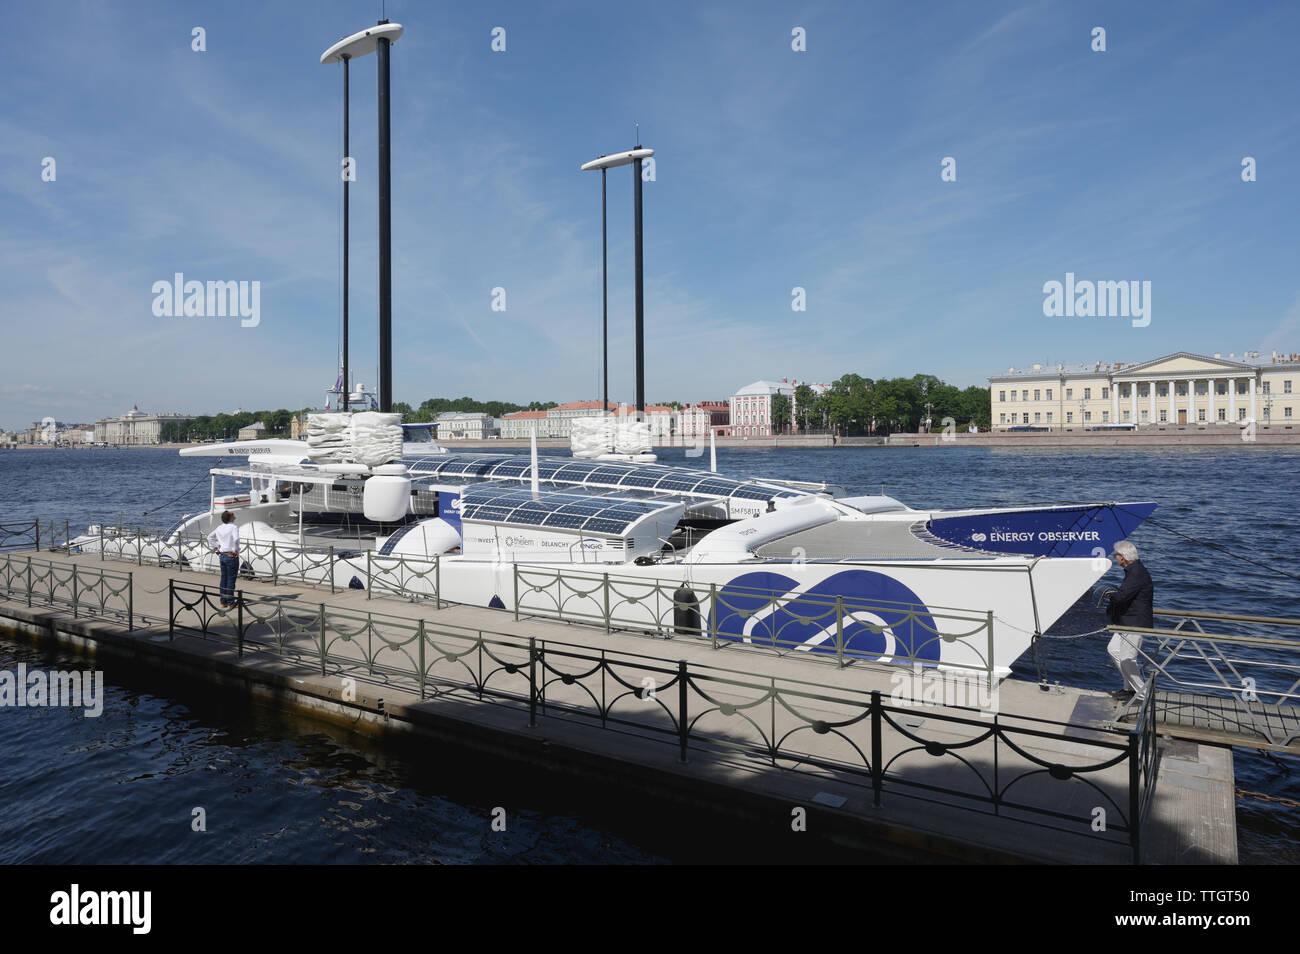 Observador de energía, hidrógeno, el buque está amarrado en San Petersburgo, Rusia. Imagen De Stock